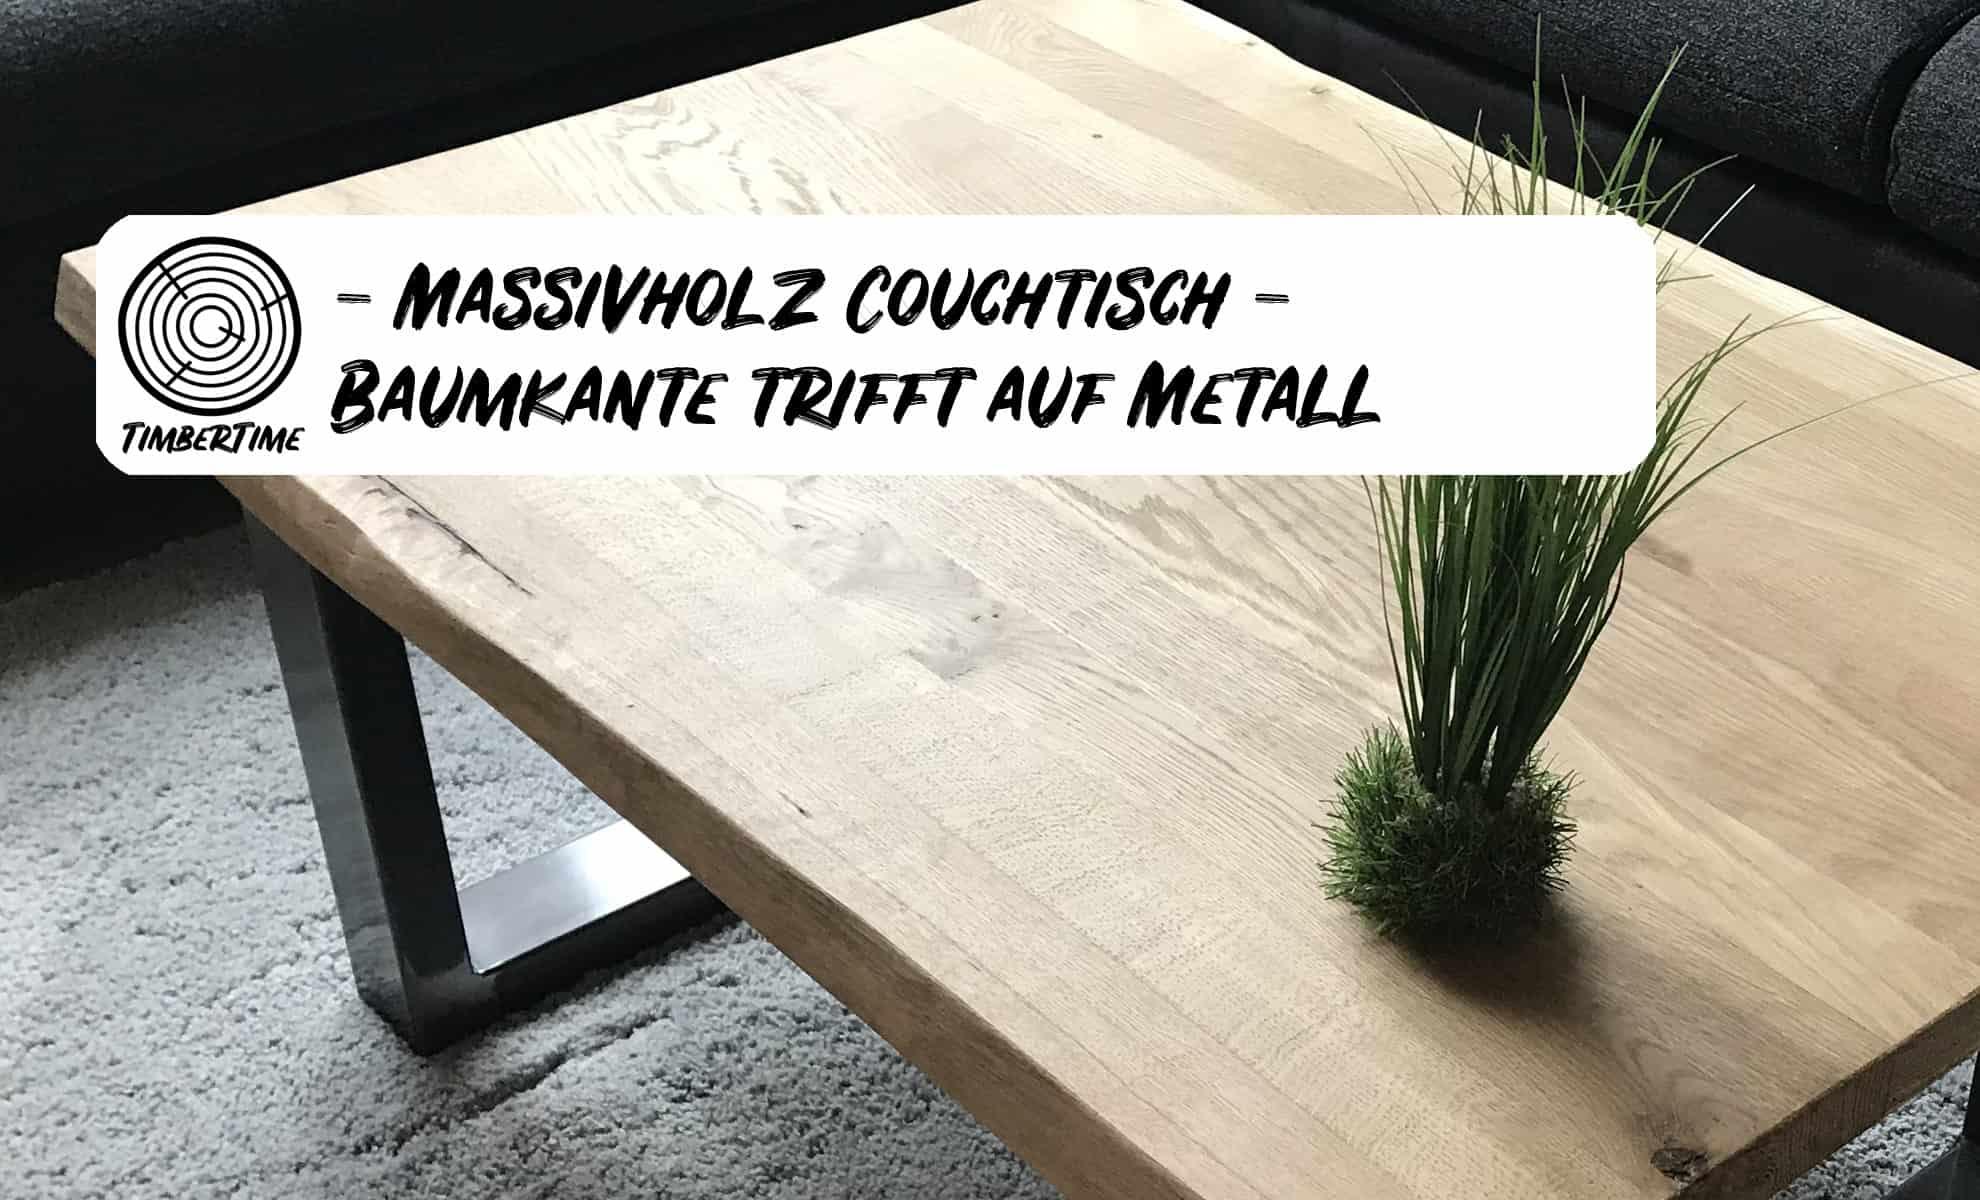 Massivholz Couchtisch Selber Bauen Eiche Mit Baumkante Trifft